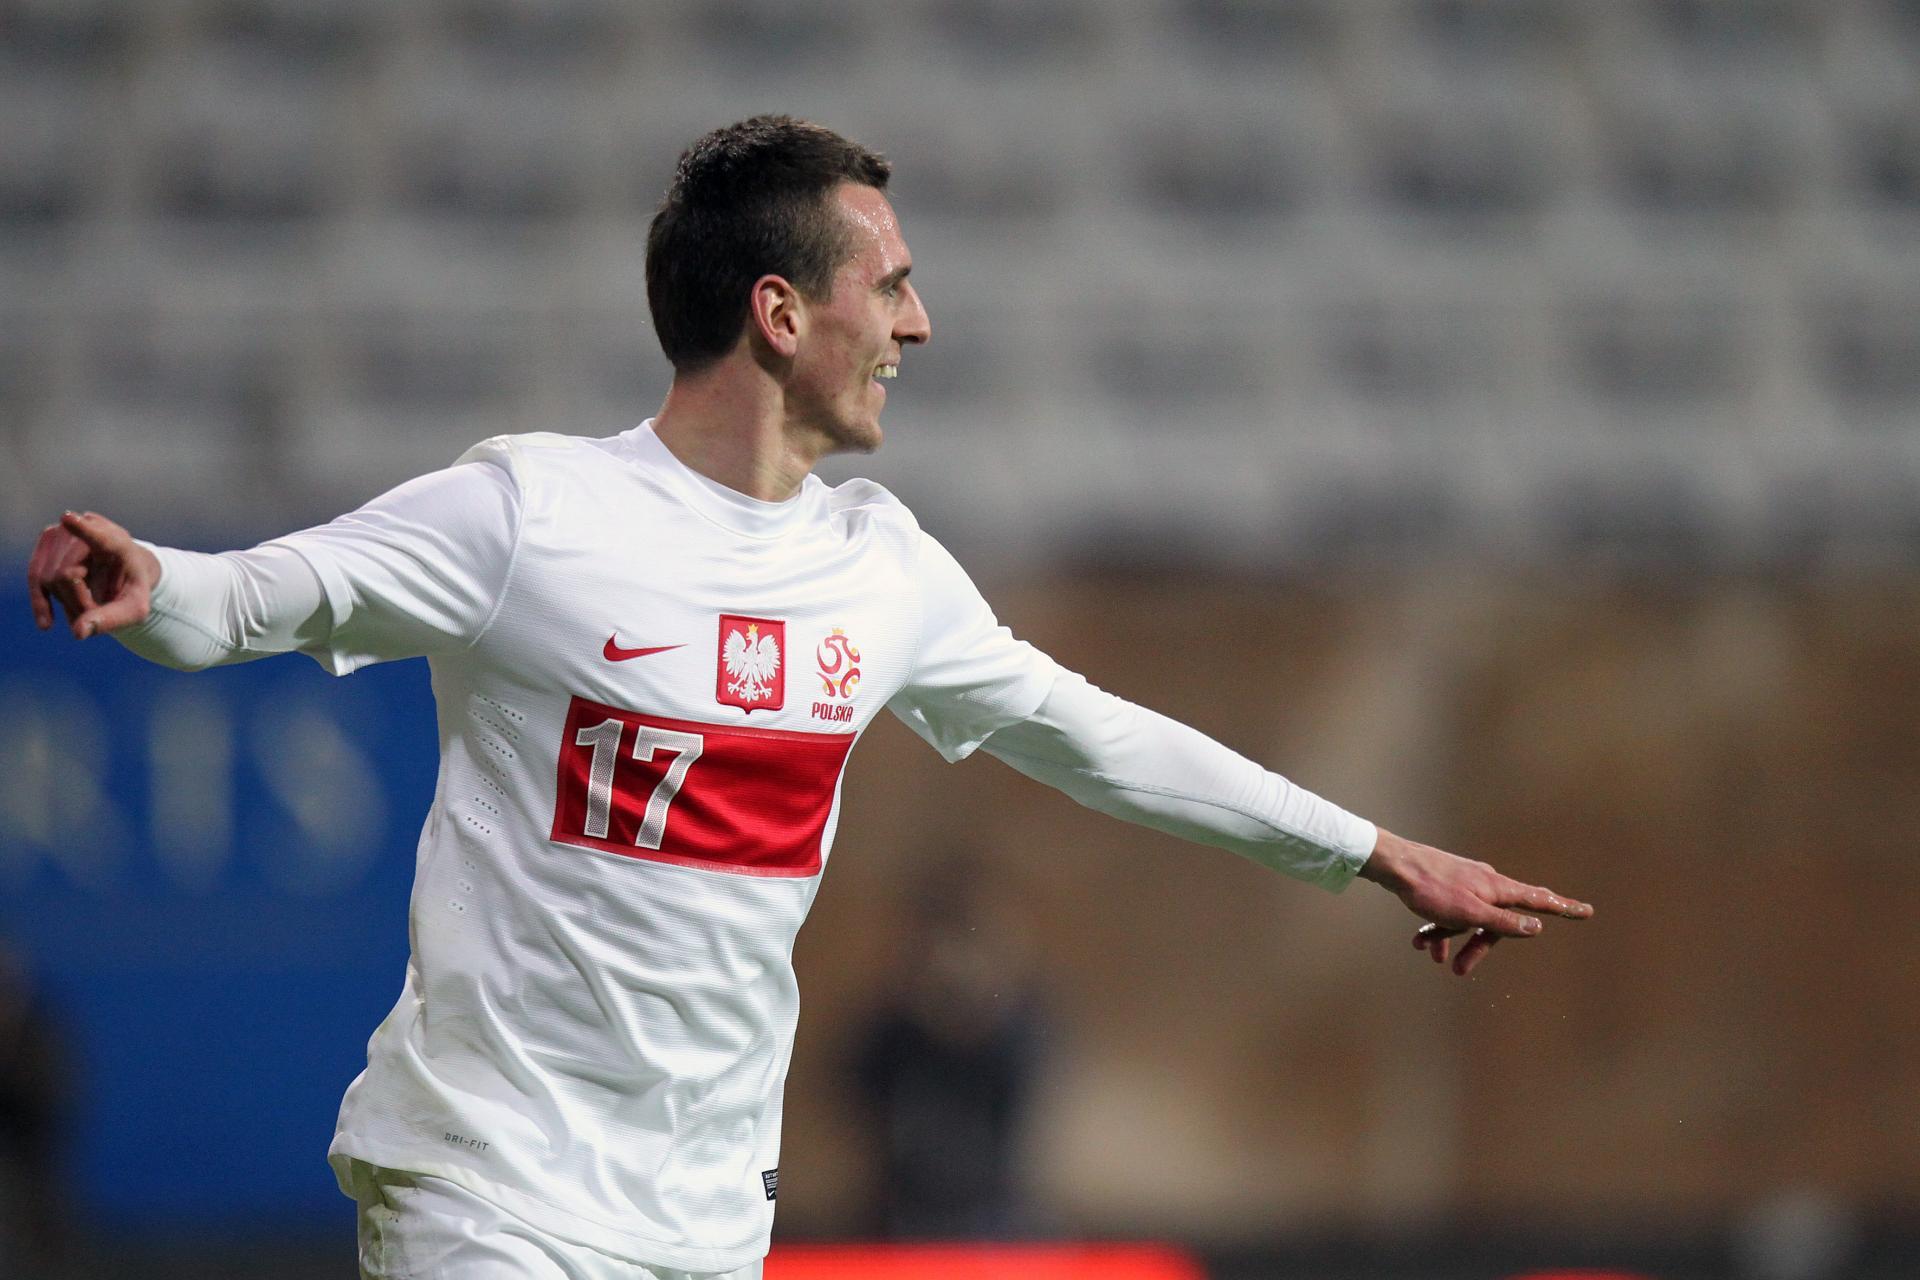 Arkadiusz Milik po strzeleniu swojego pierwszego gola w reprezentacji. Trzy dni później piłkarz Górnika Zabrze zmienił barwy klubowe – stał się zawodnikiem Bayeru Leverkusen.